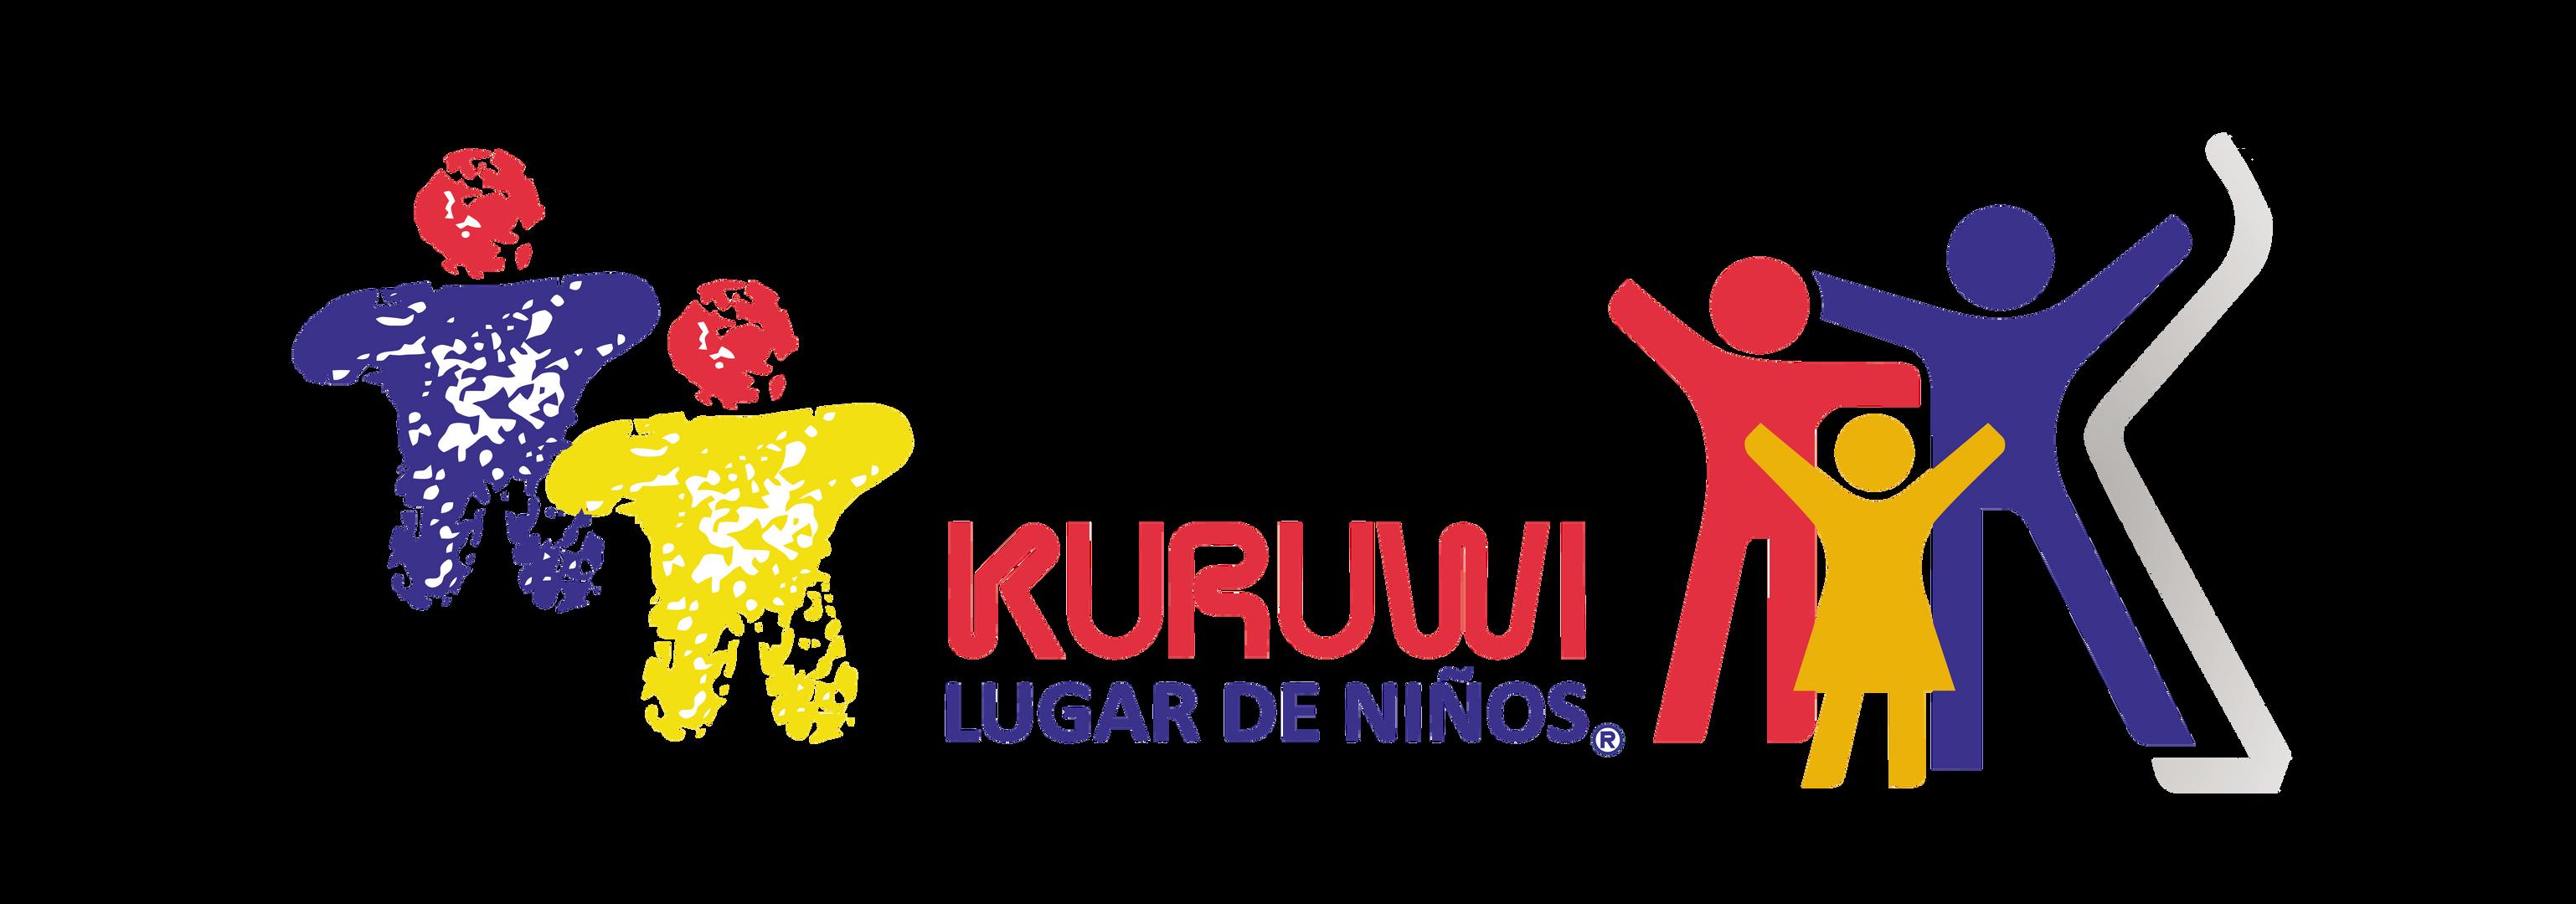 LOGO KURUWI .png